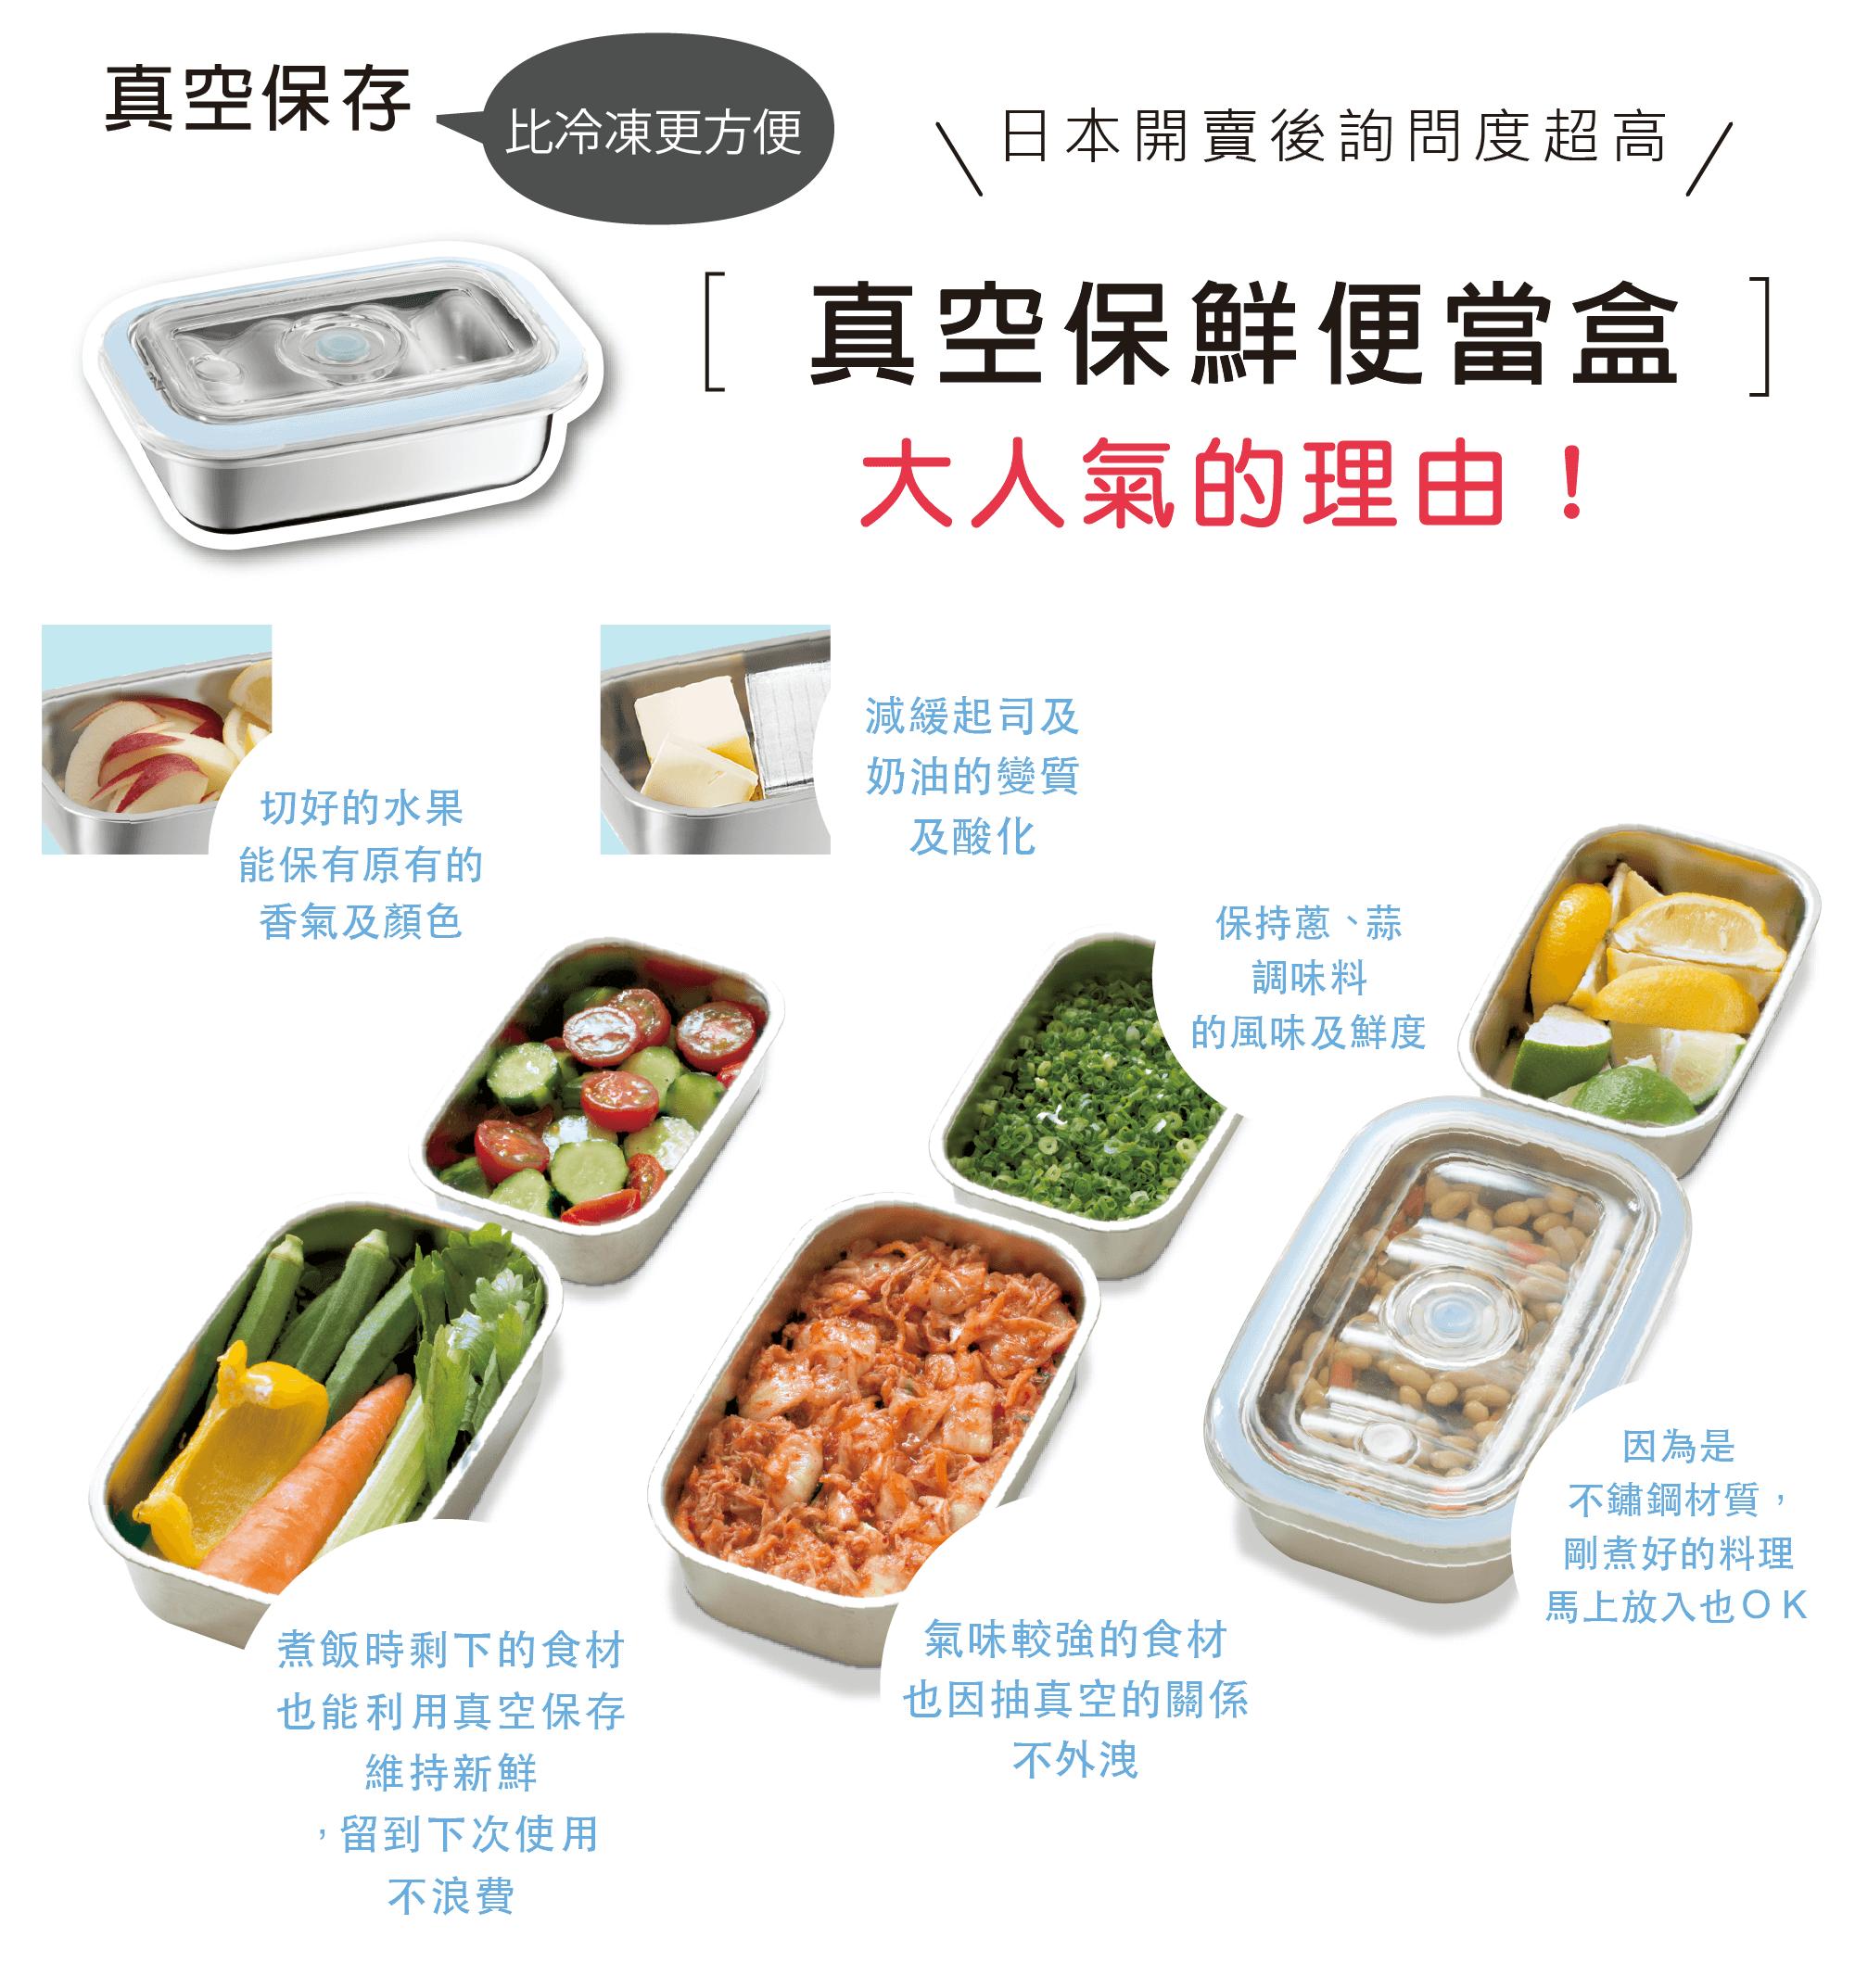 不鏽鋼真空保鮮盒,不鏽鋼保鮮盒,收納盒,不鏽鋼,真空保鮮盒,抽真空保鮮盒,不鏽鋼盒推薦